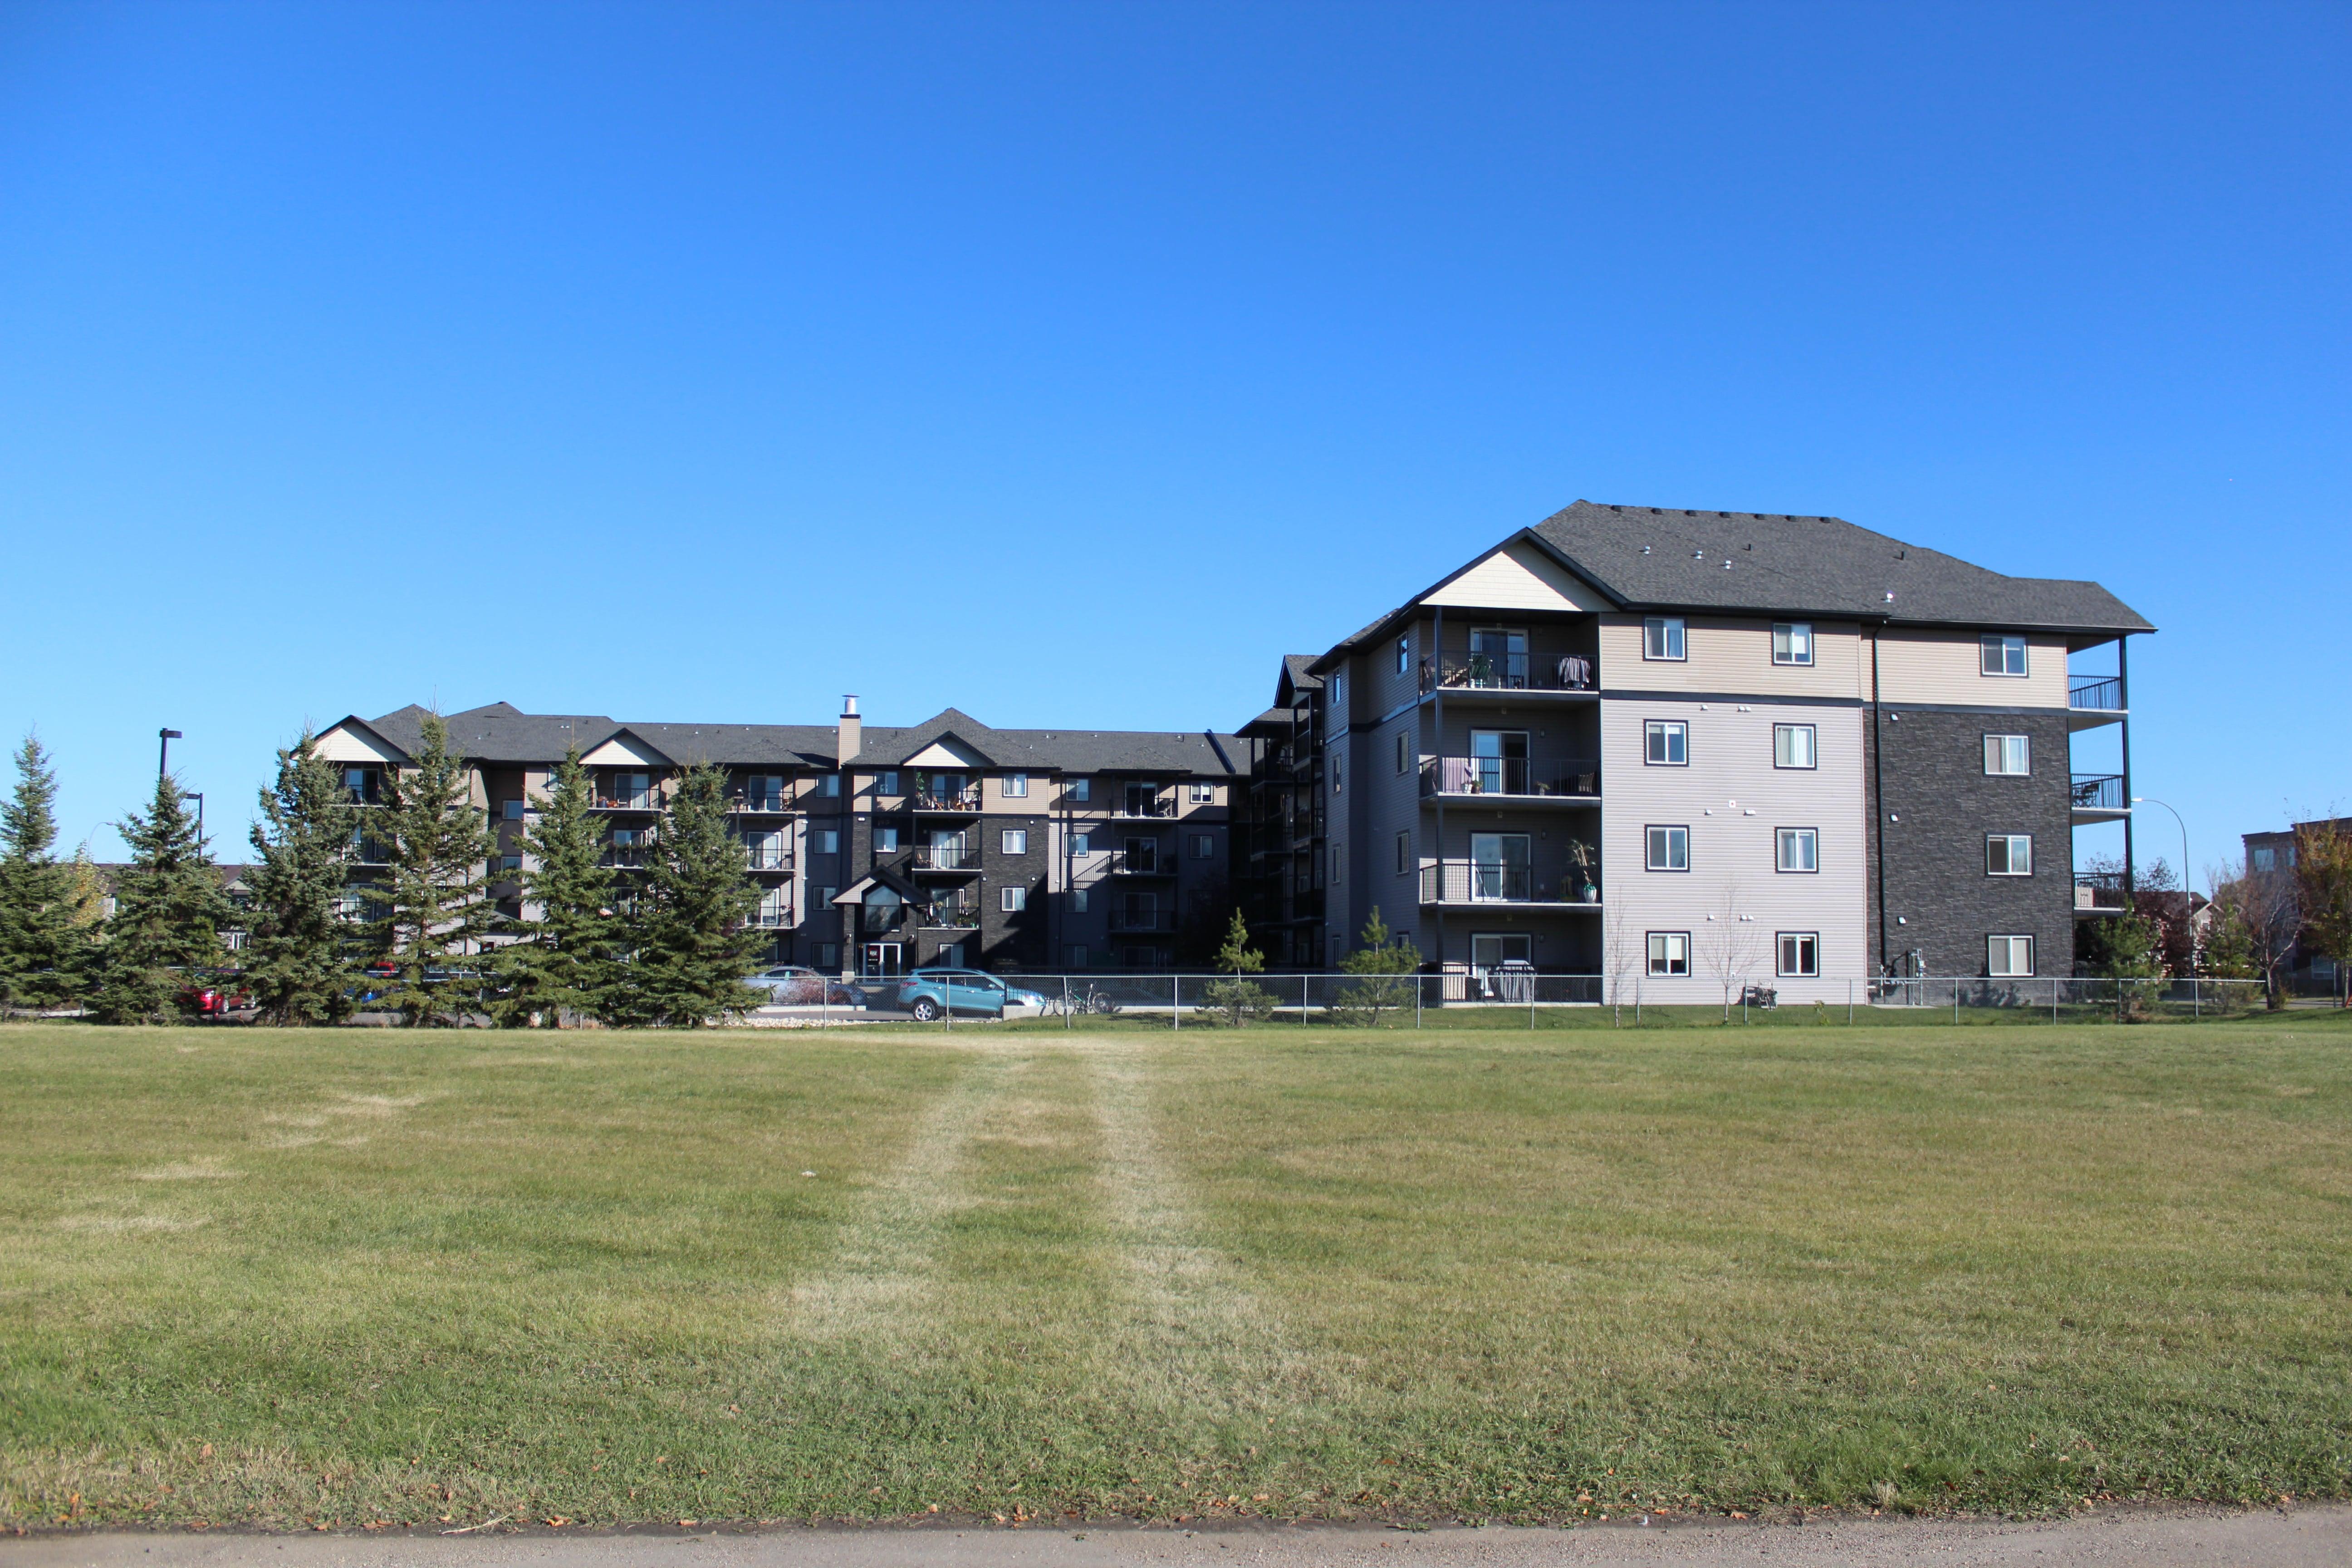 Pallisades Park (99 units) Completed September 2014